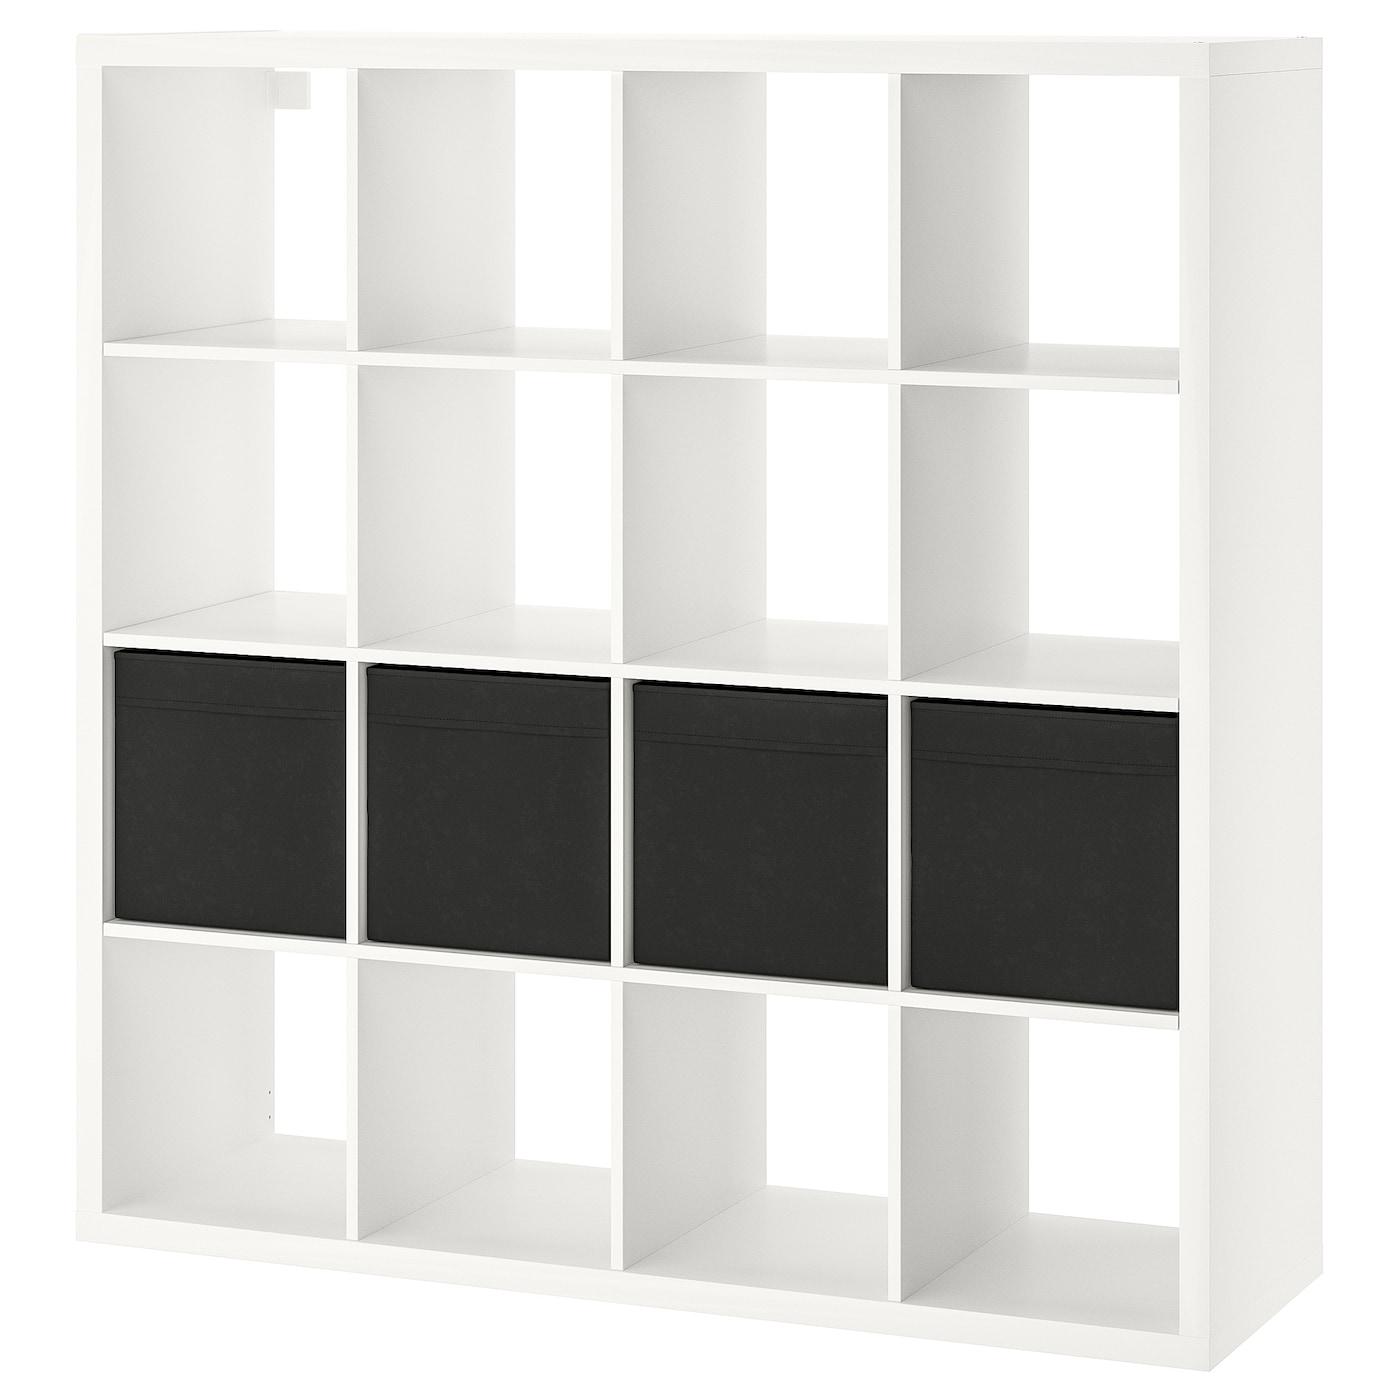 KALLAX Regal mit 4 Einsätzen, weiß, 147x147 cm. Hier kaufen